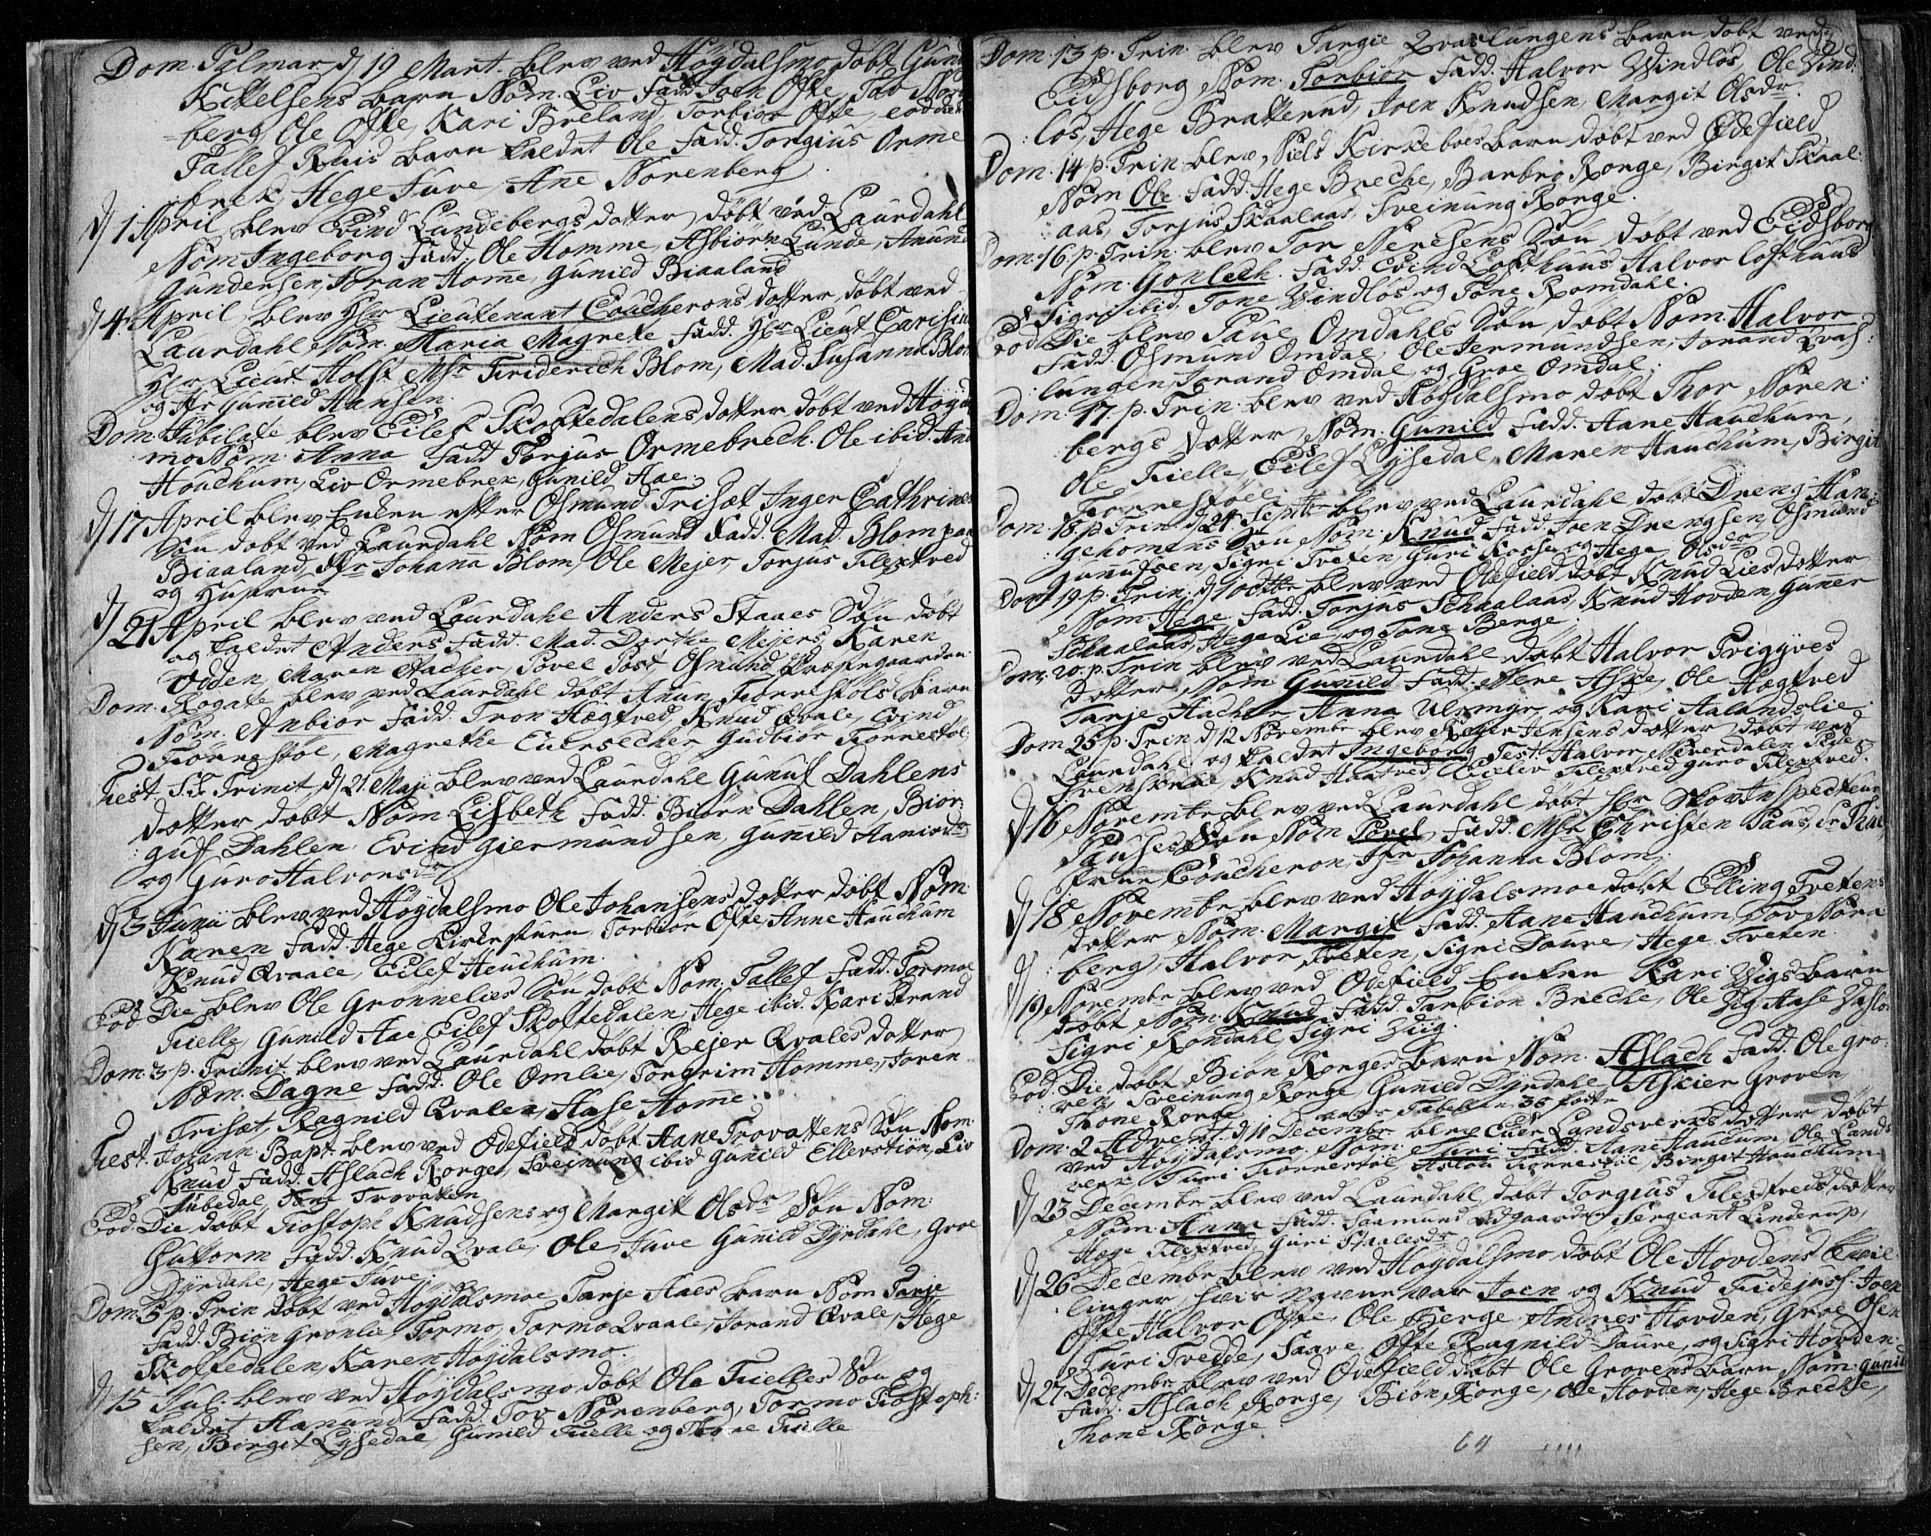 SAKO, Lårdal kirkebøker, F/Fa/L0003: Ministerialbok nr. I 3, 1754-1790, s. 17